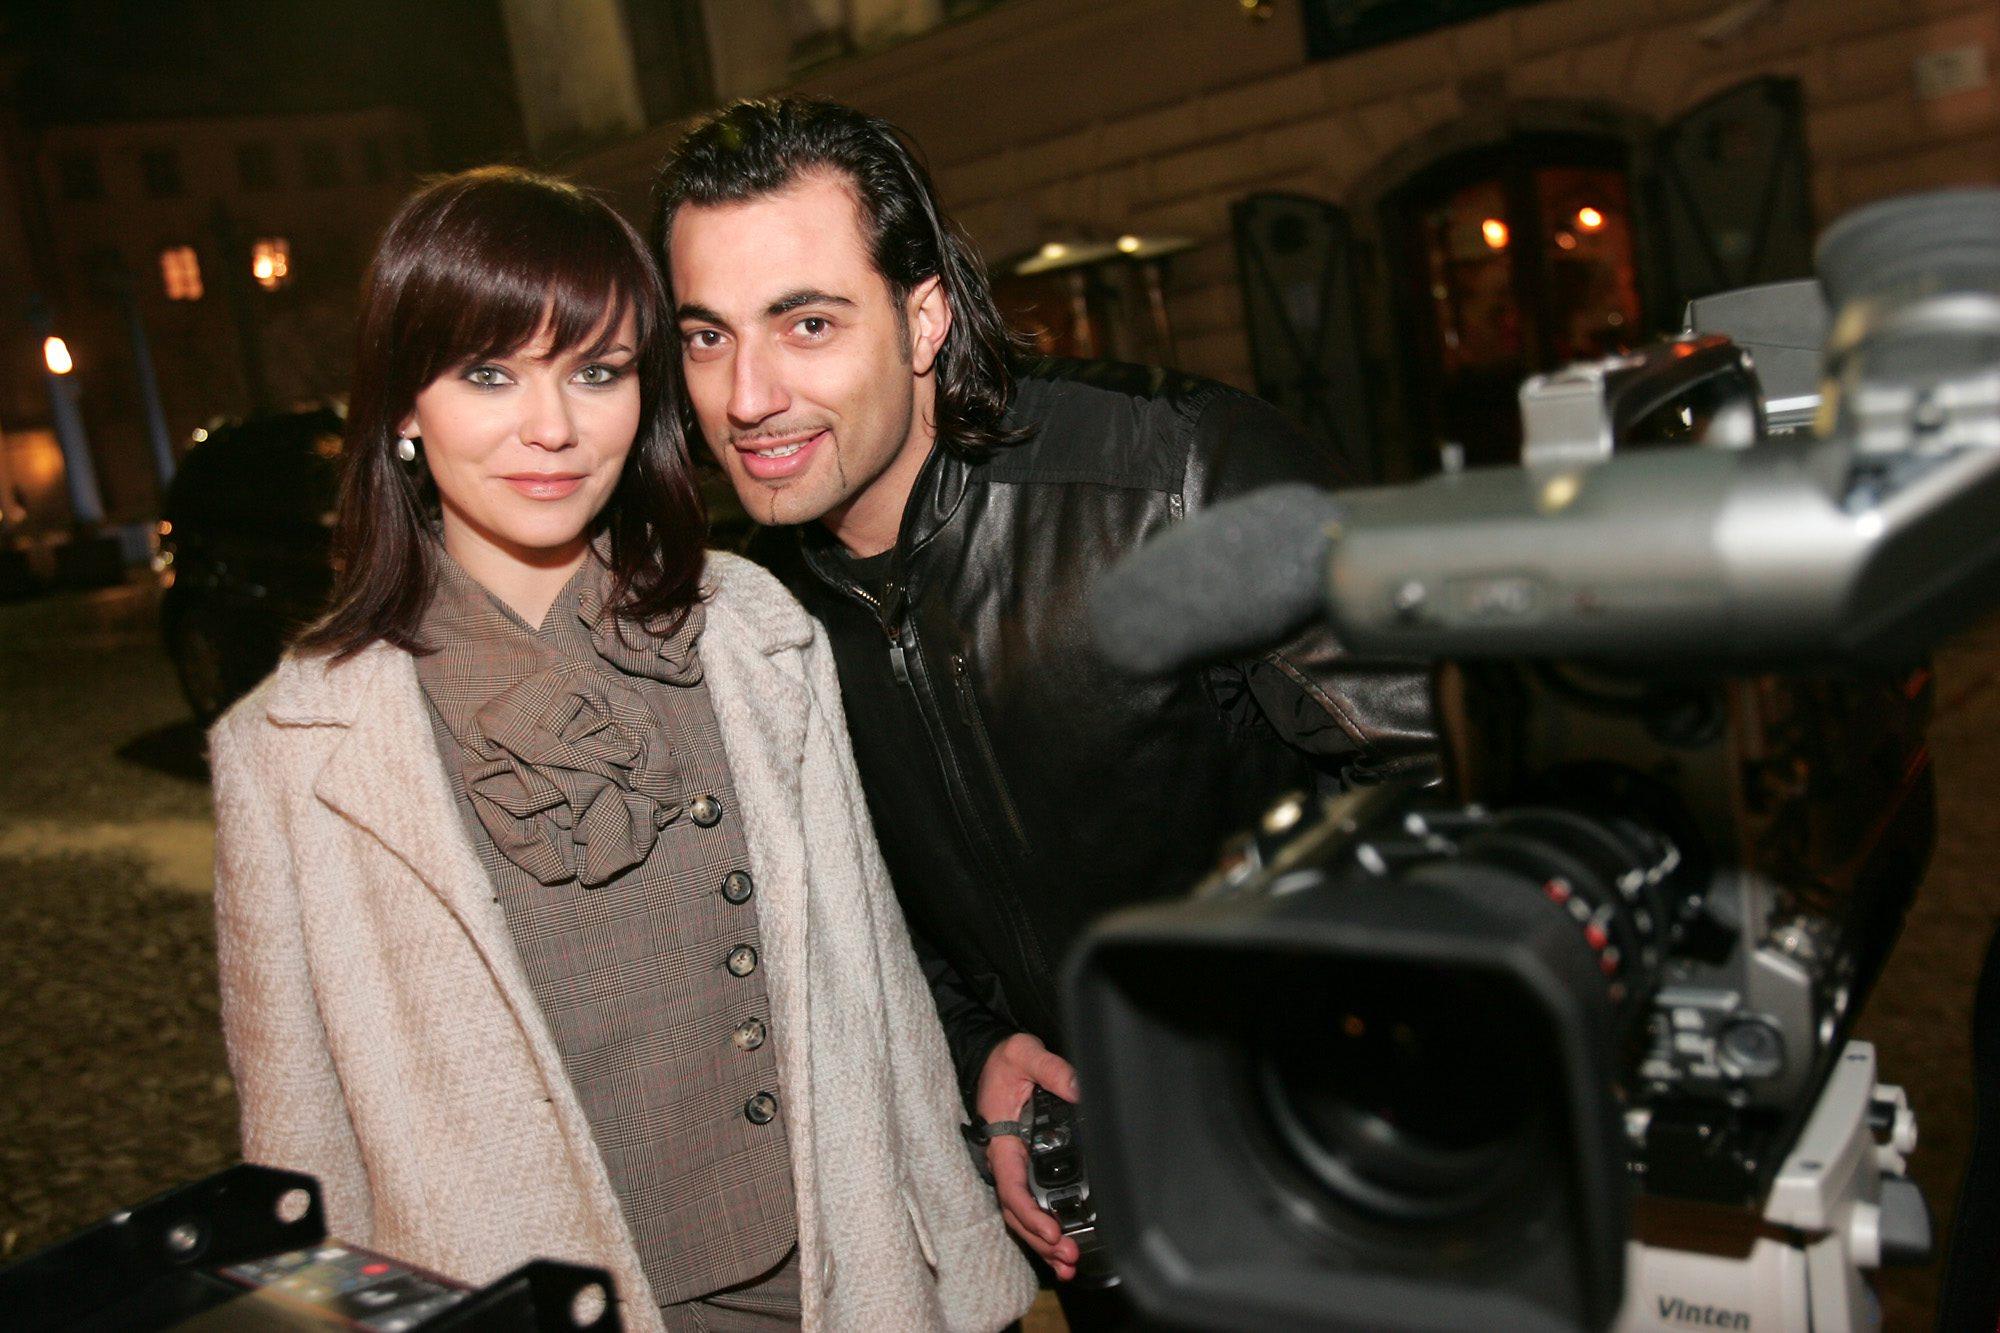 ljubljana 200106 vesna pisarovic i hamdija seferovic snimaju spot foto:davor pongracic -zs-